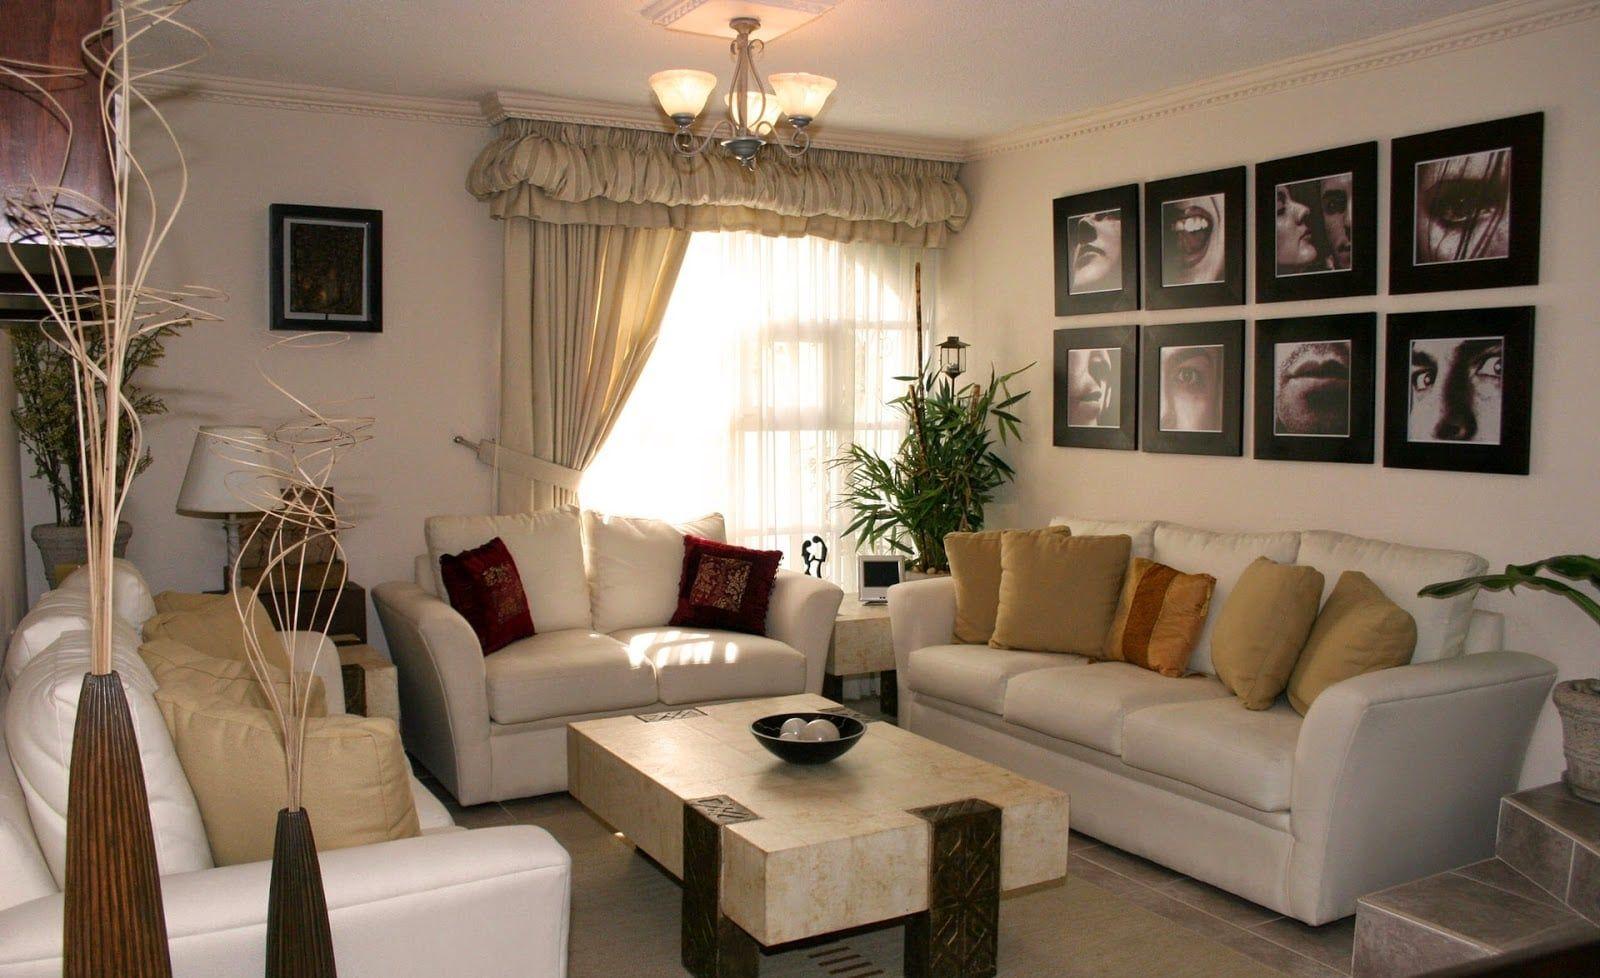 Desain Ruang Tamu 4 Segi Simple Living Room Decor Apartment Living Room Simple Living Room Designs Langsir living room concept